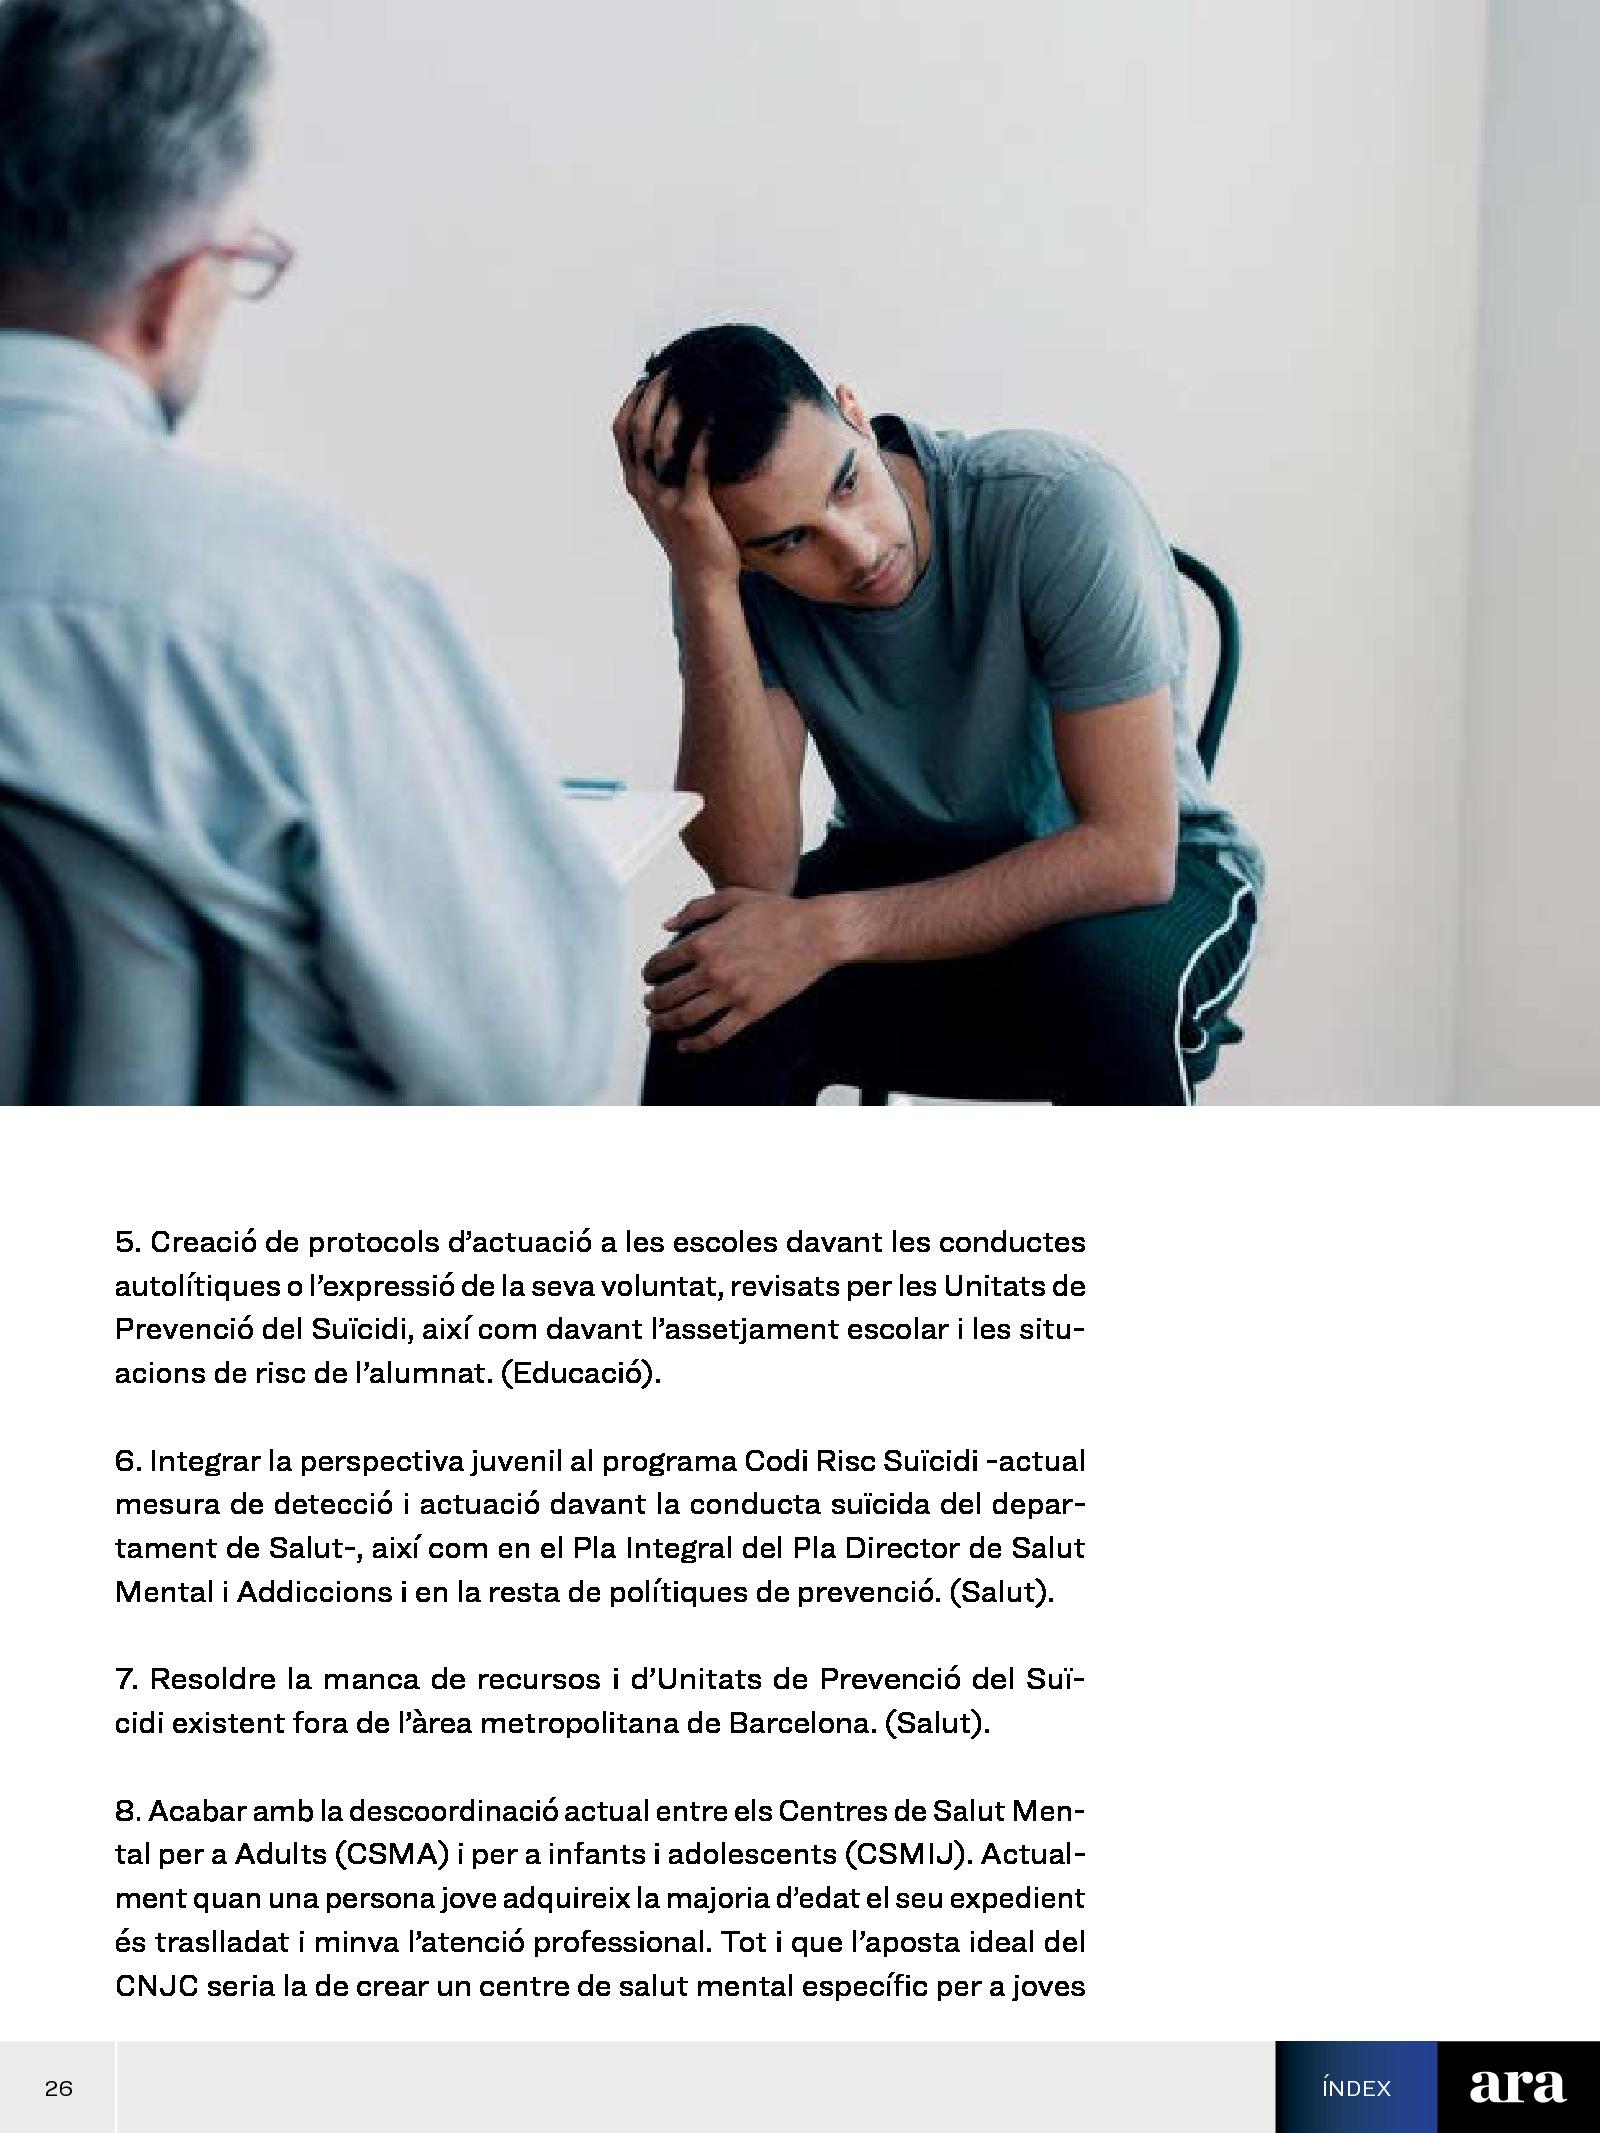 Suïcidis: trencar el silenci i ajudar a prevenir 3